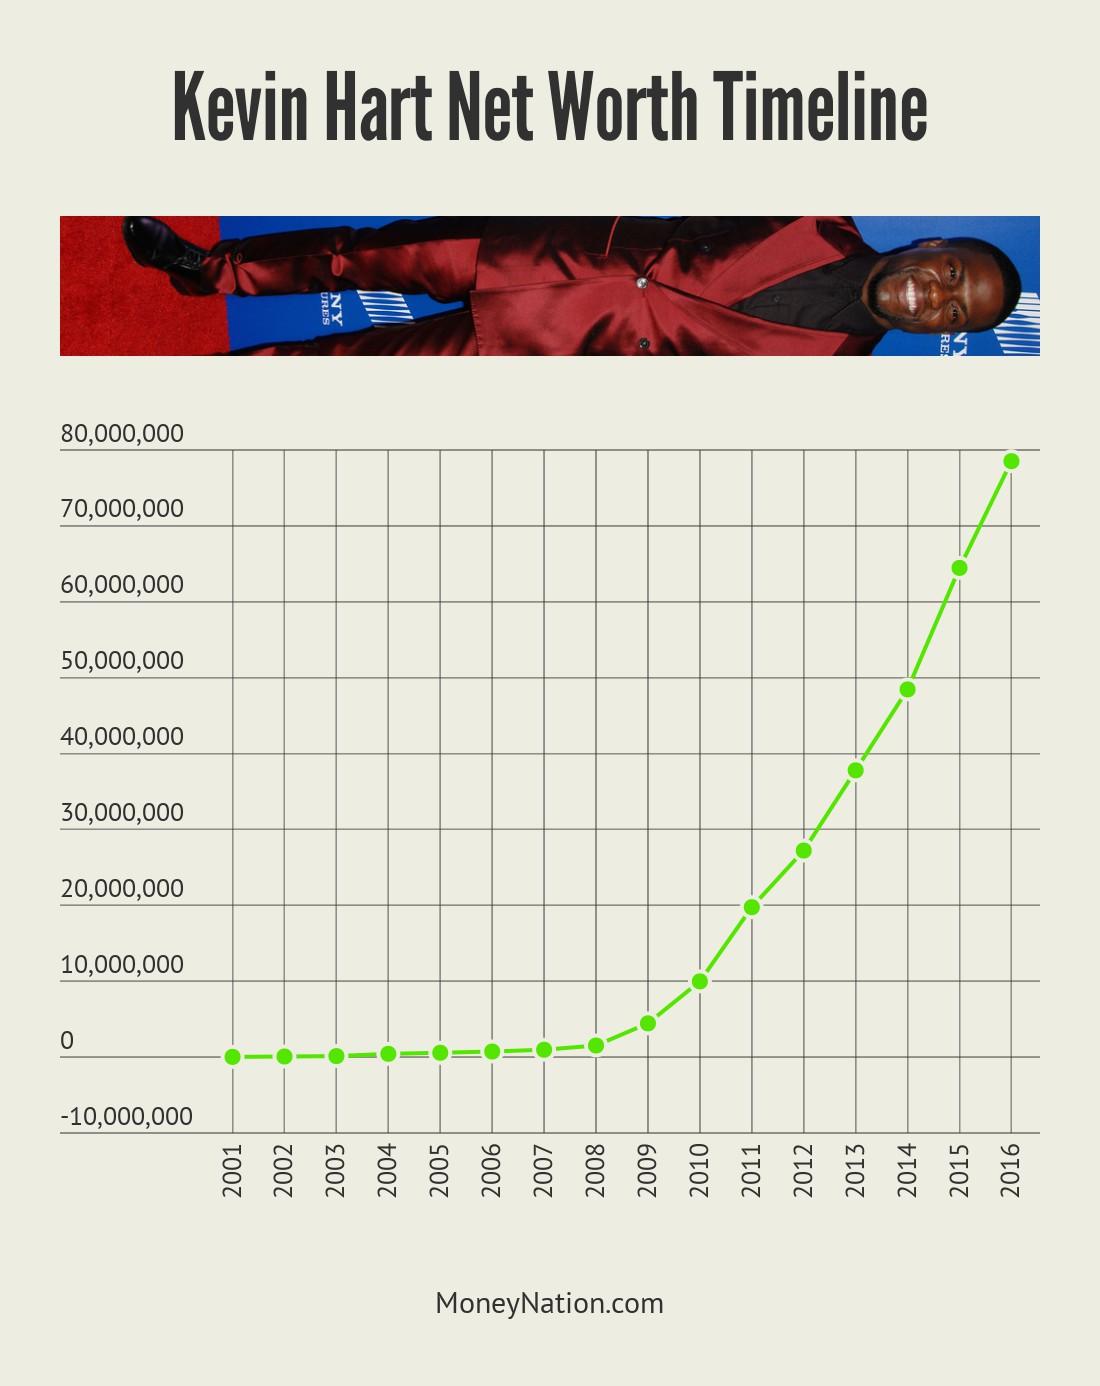 Kevin Hart Net Worth Timeline